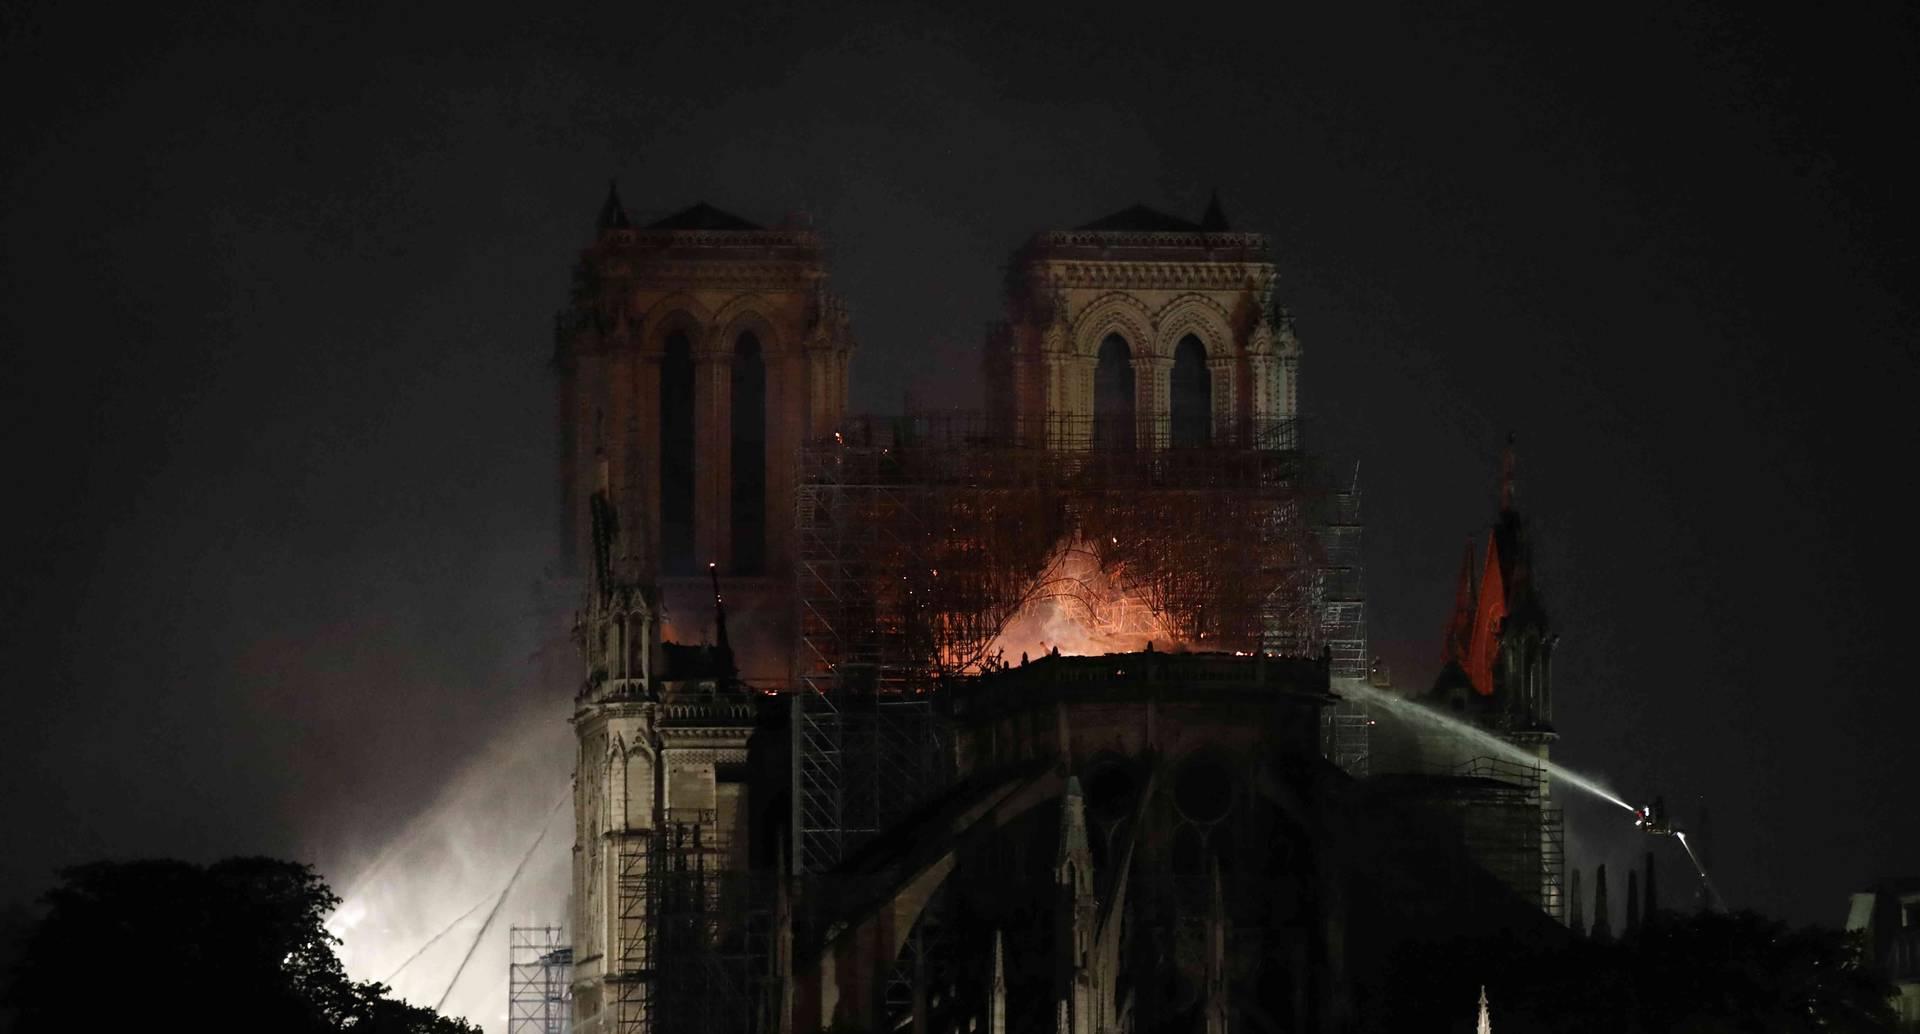 El presidente Emmanuel Macron prometió reconstruir el emblemático edifico gótico.